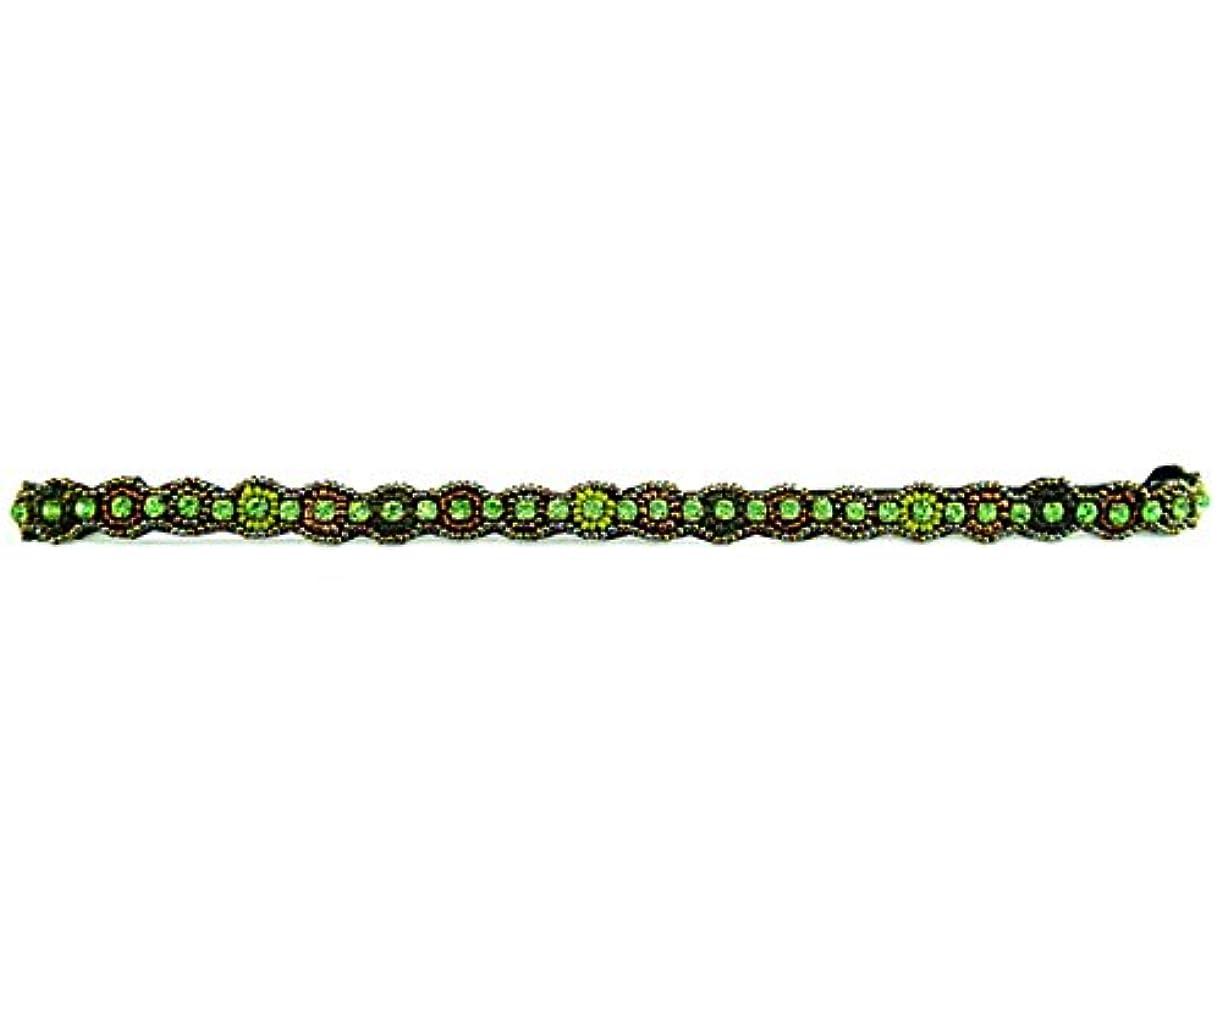 汚物またはどちらか統計的ピンクピューター(Pink Pewter)Sloan/Green